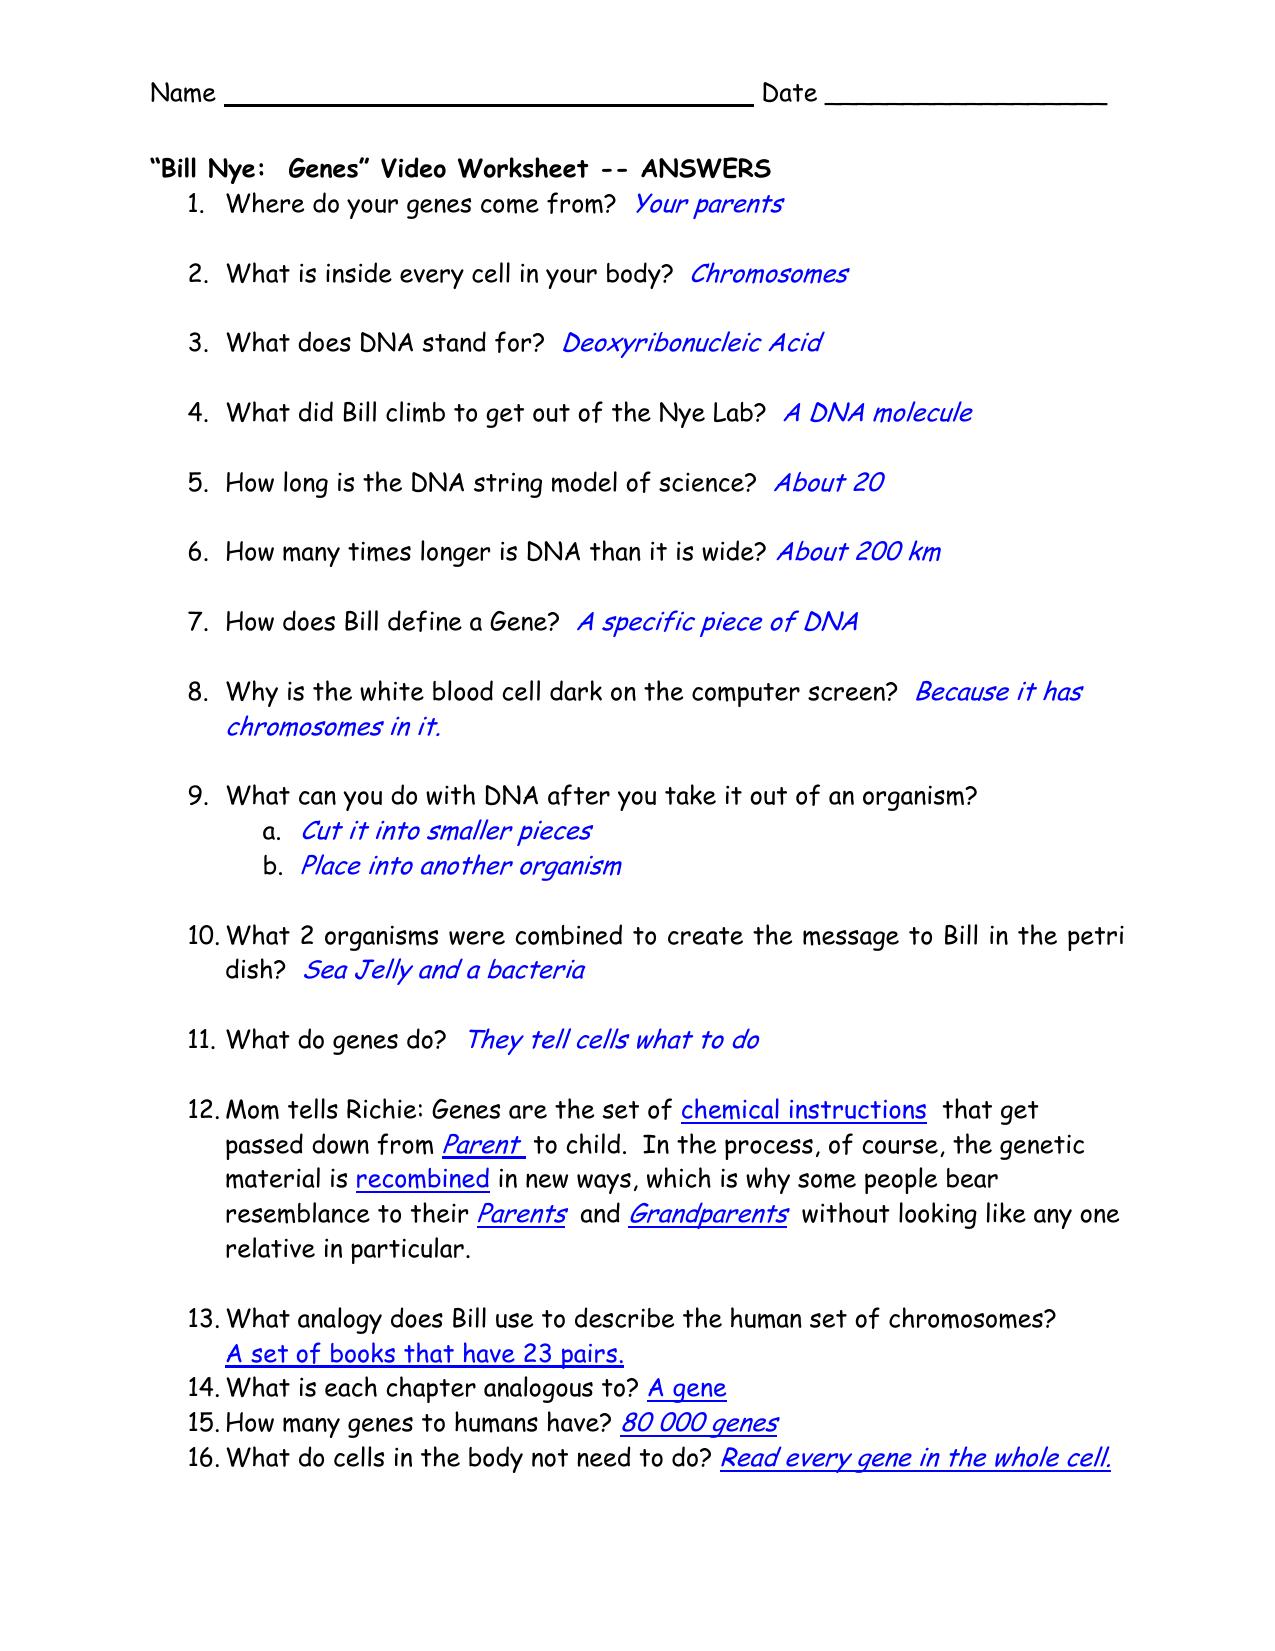 Bill Nye Genes Video Worksheet